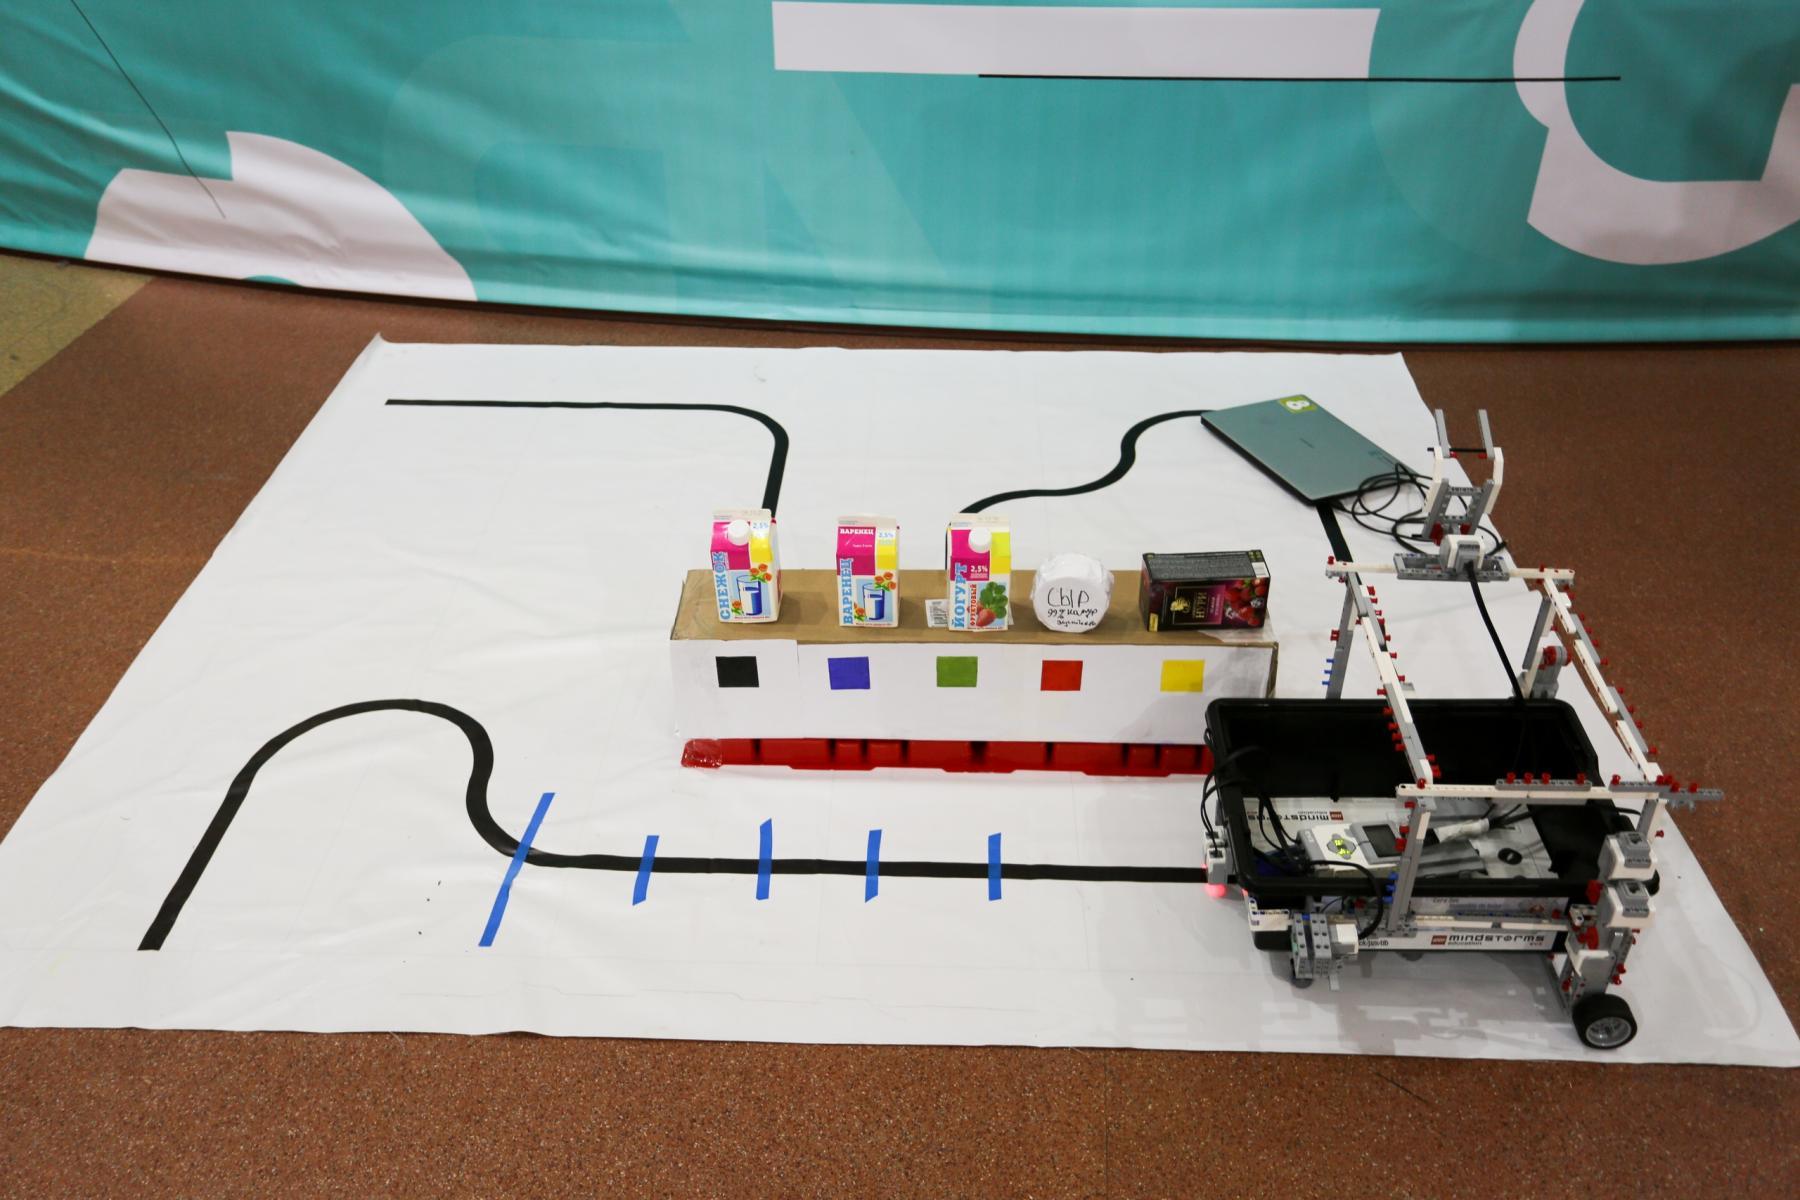 Фото Браслеты-пищалки для незрячих и роботы-дезинфекторы для осторожных: одарённые дети в Новосибирске показали свои разработки 5